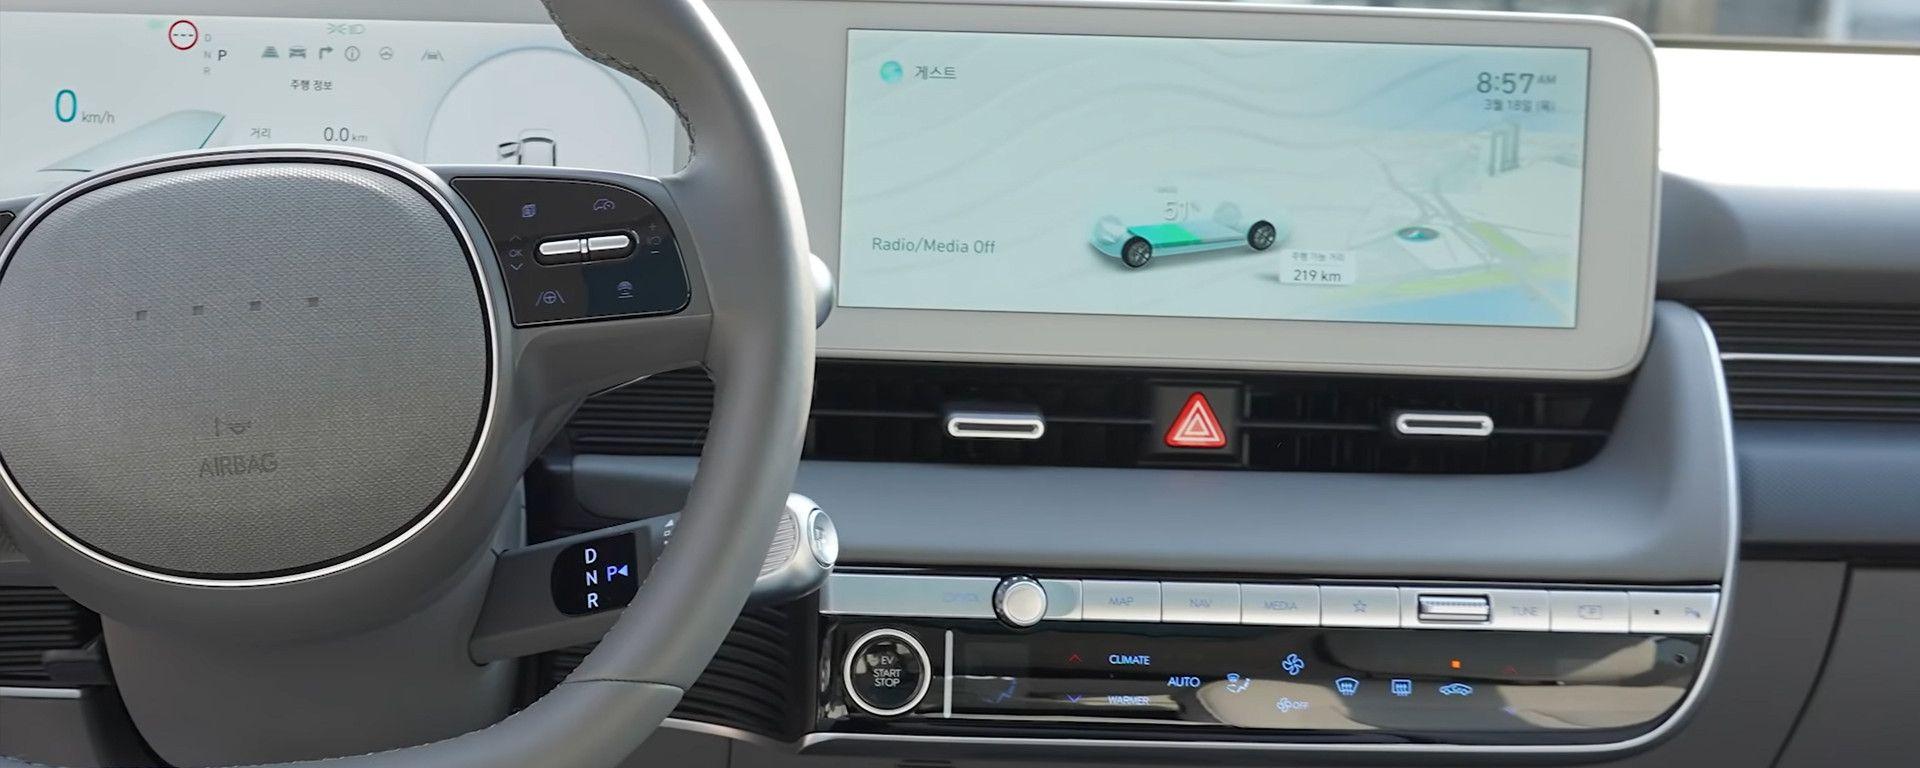 Ioniq 5: gli interni del crossover elettrico del sub-brand Hyundai - dal video di Asian Petrolhead